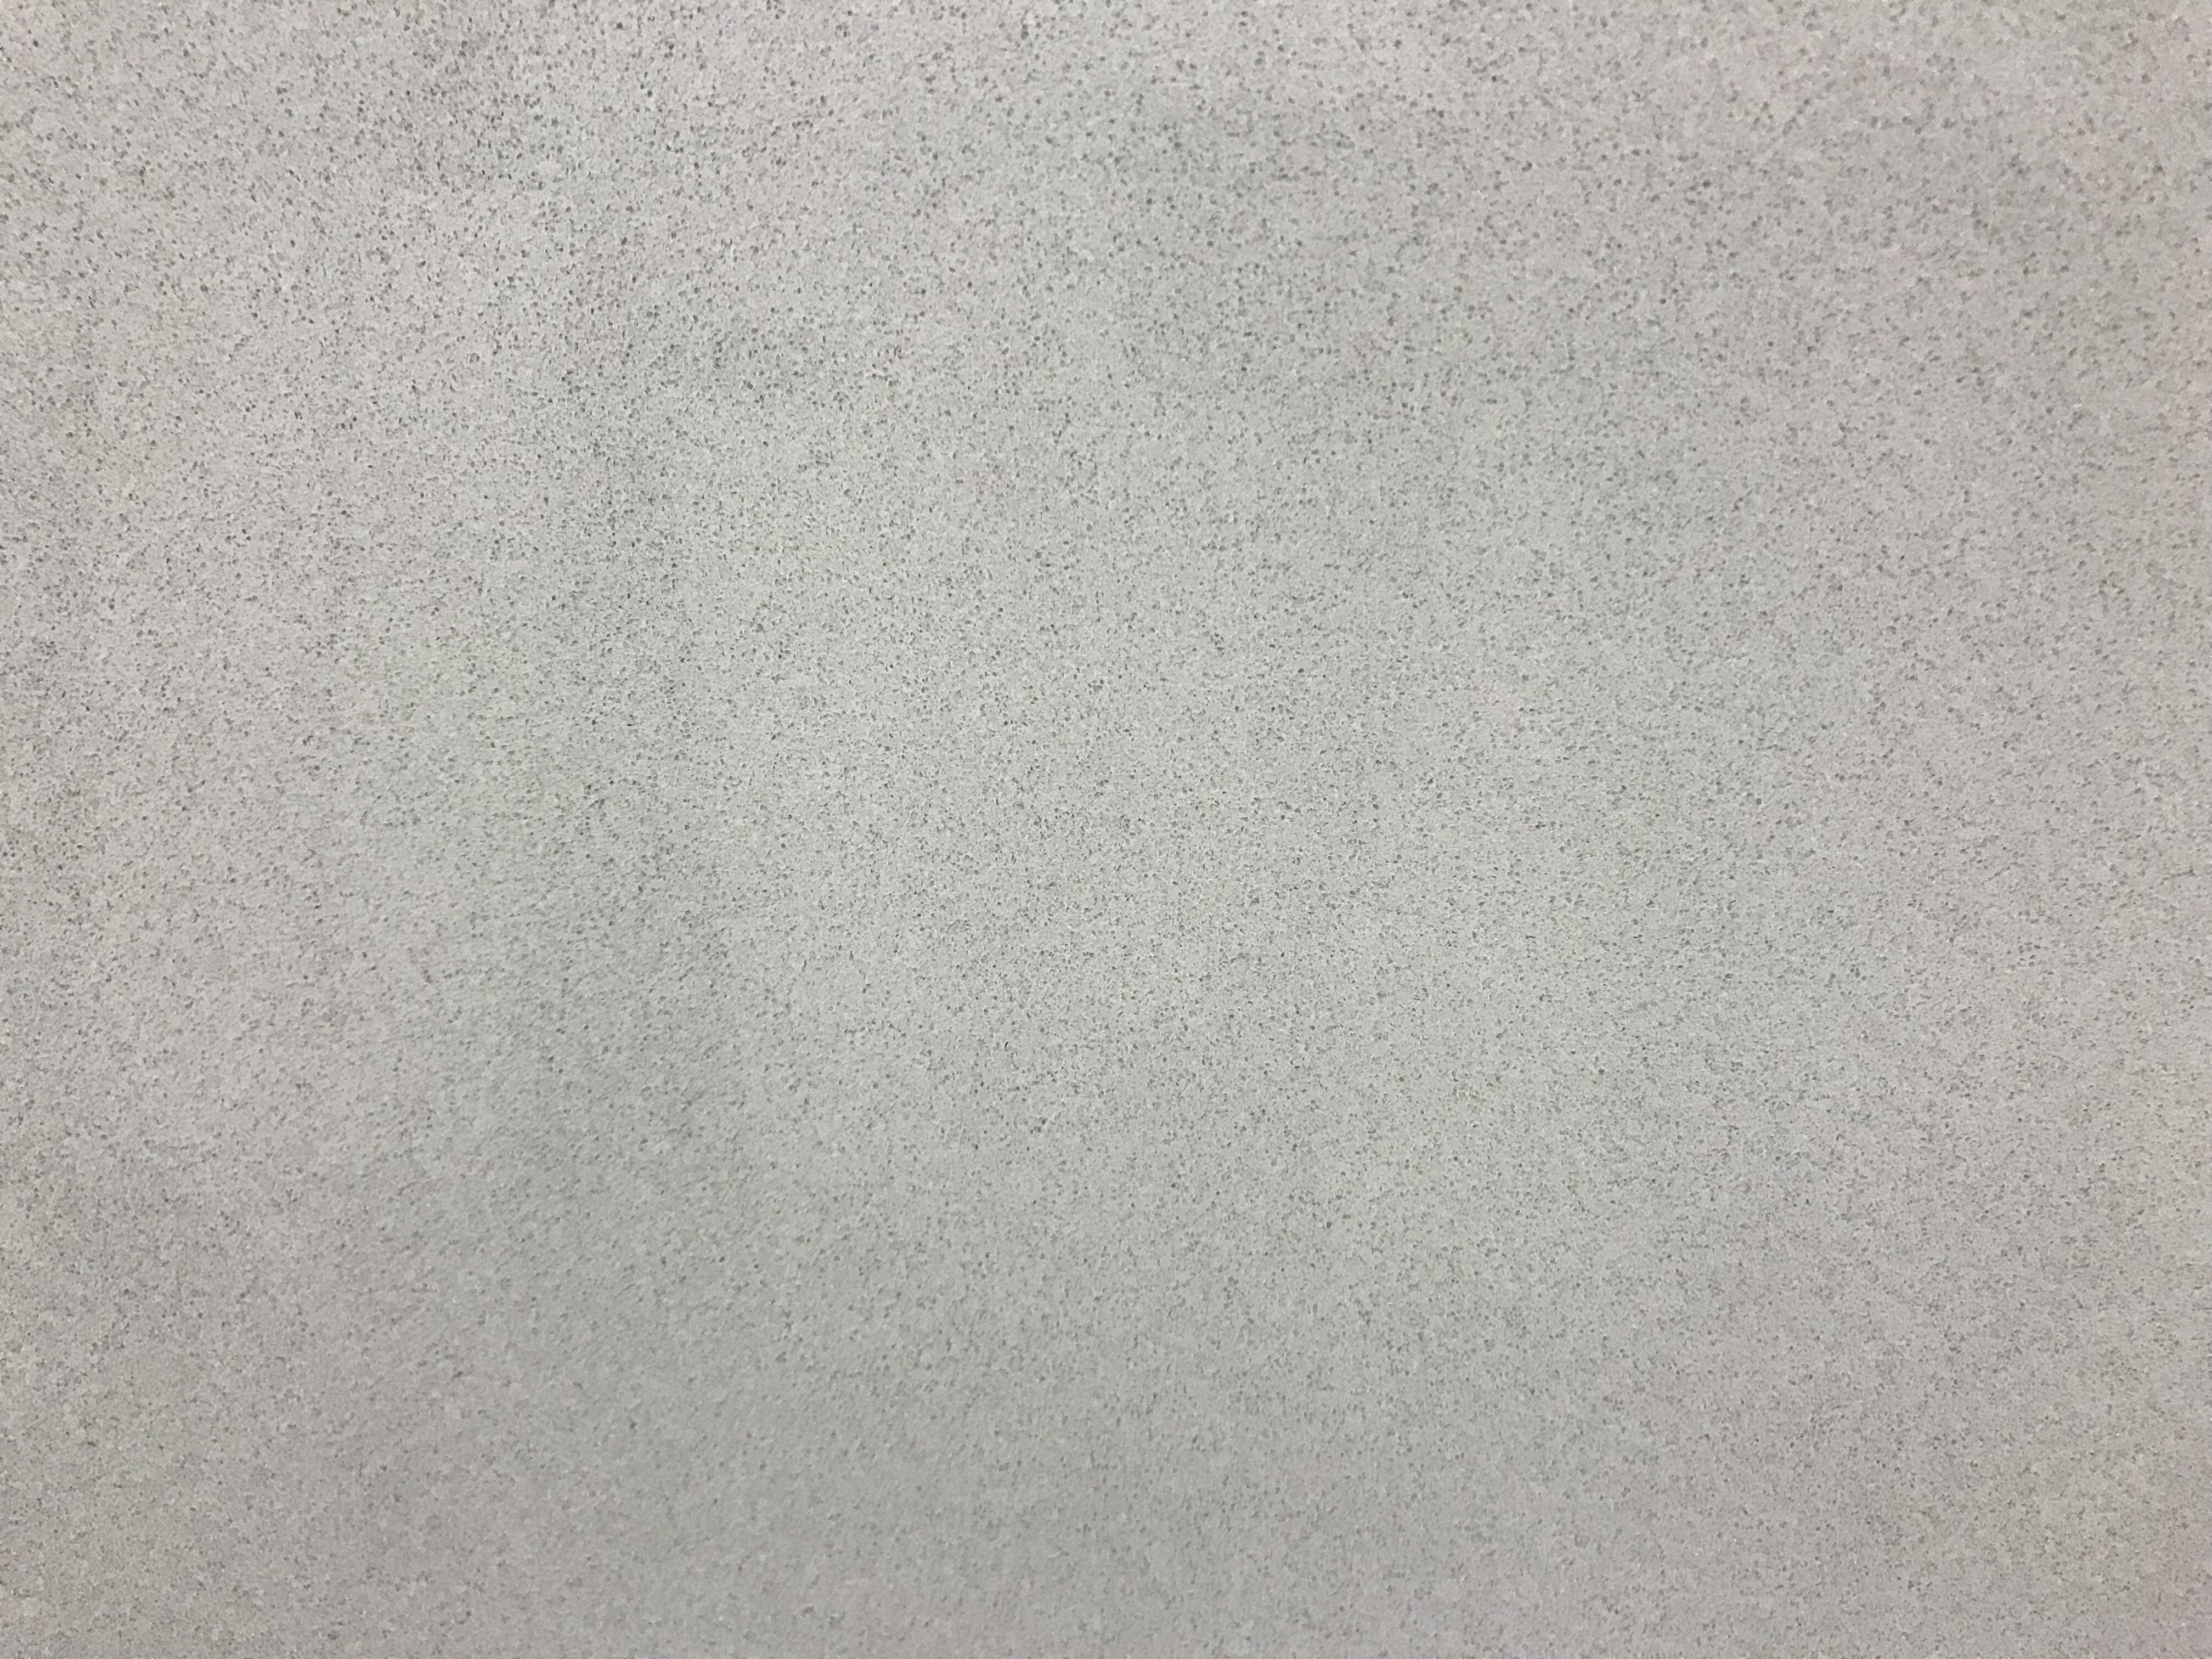 Concrete Grey 3cm AQ1040 (Beach Grey)